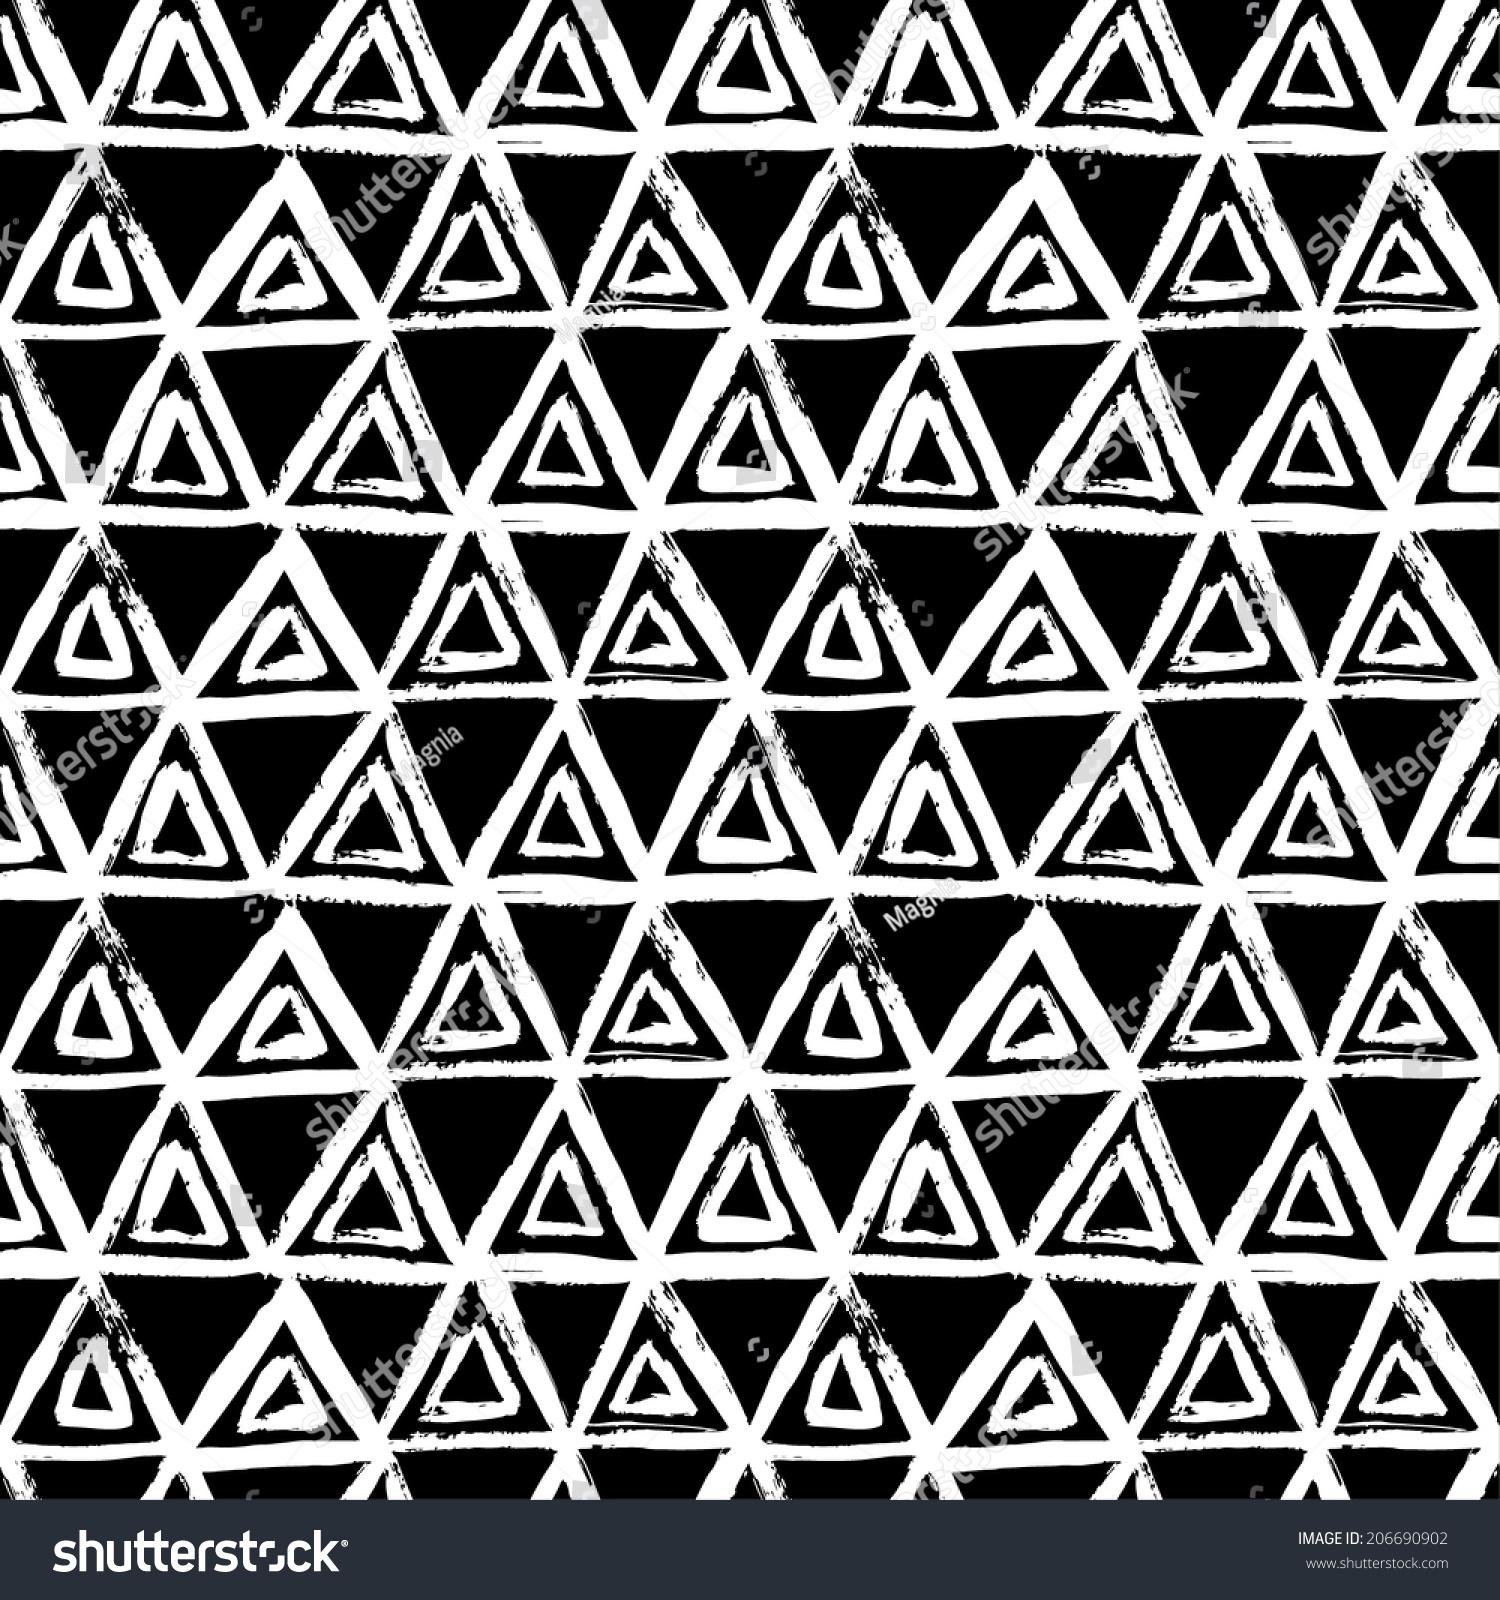 无缝几何手绘图案.矢量图